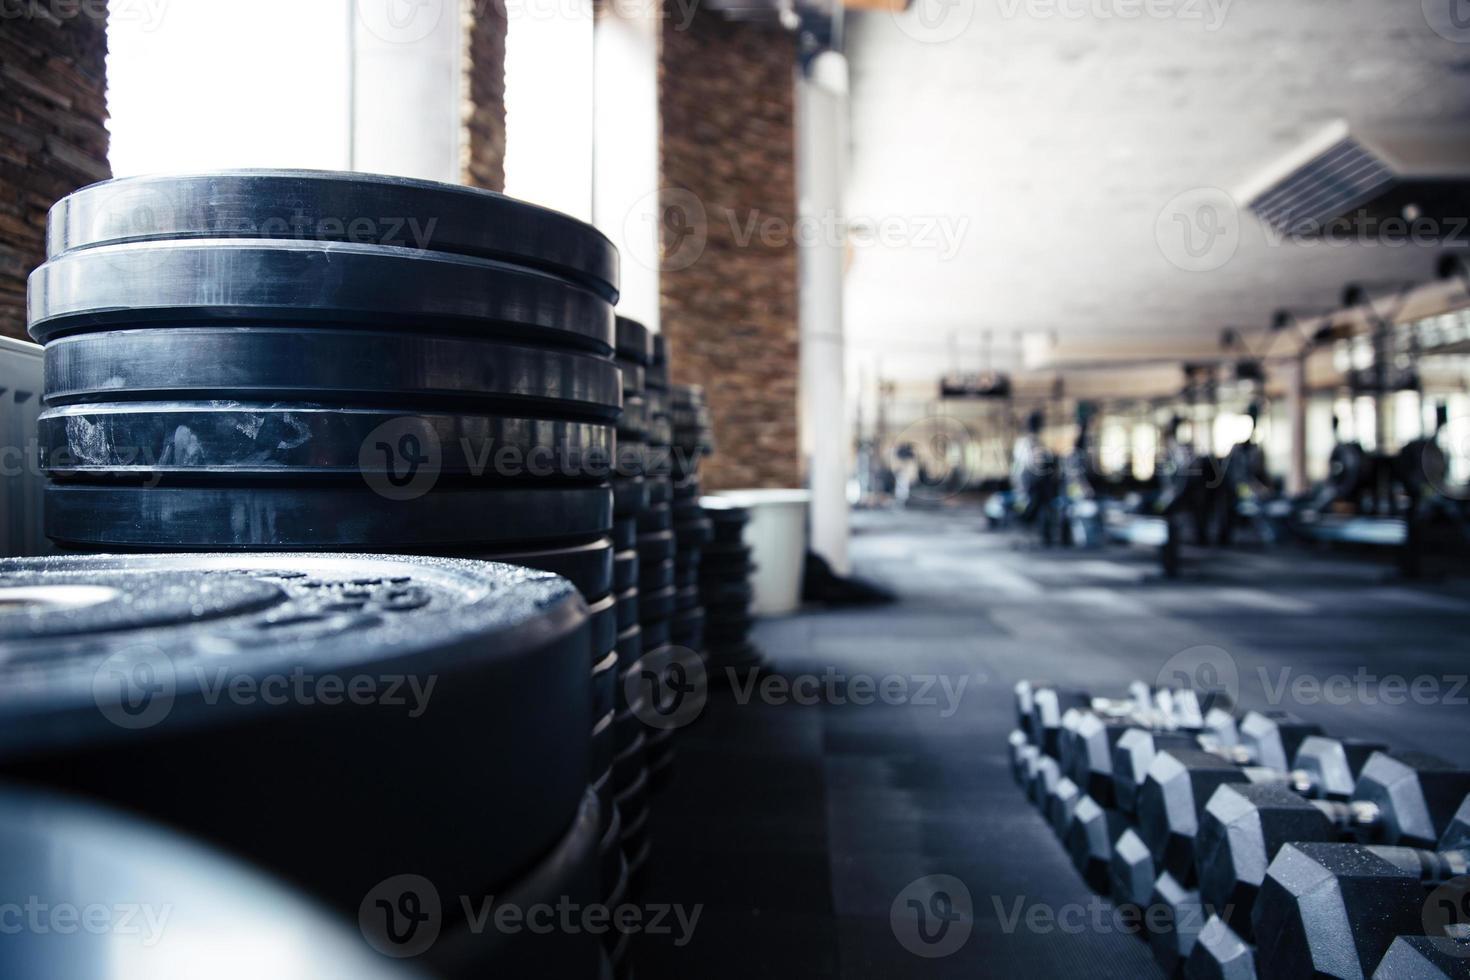 närbild fotografi av fitnessutrustning i gymmet foto